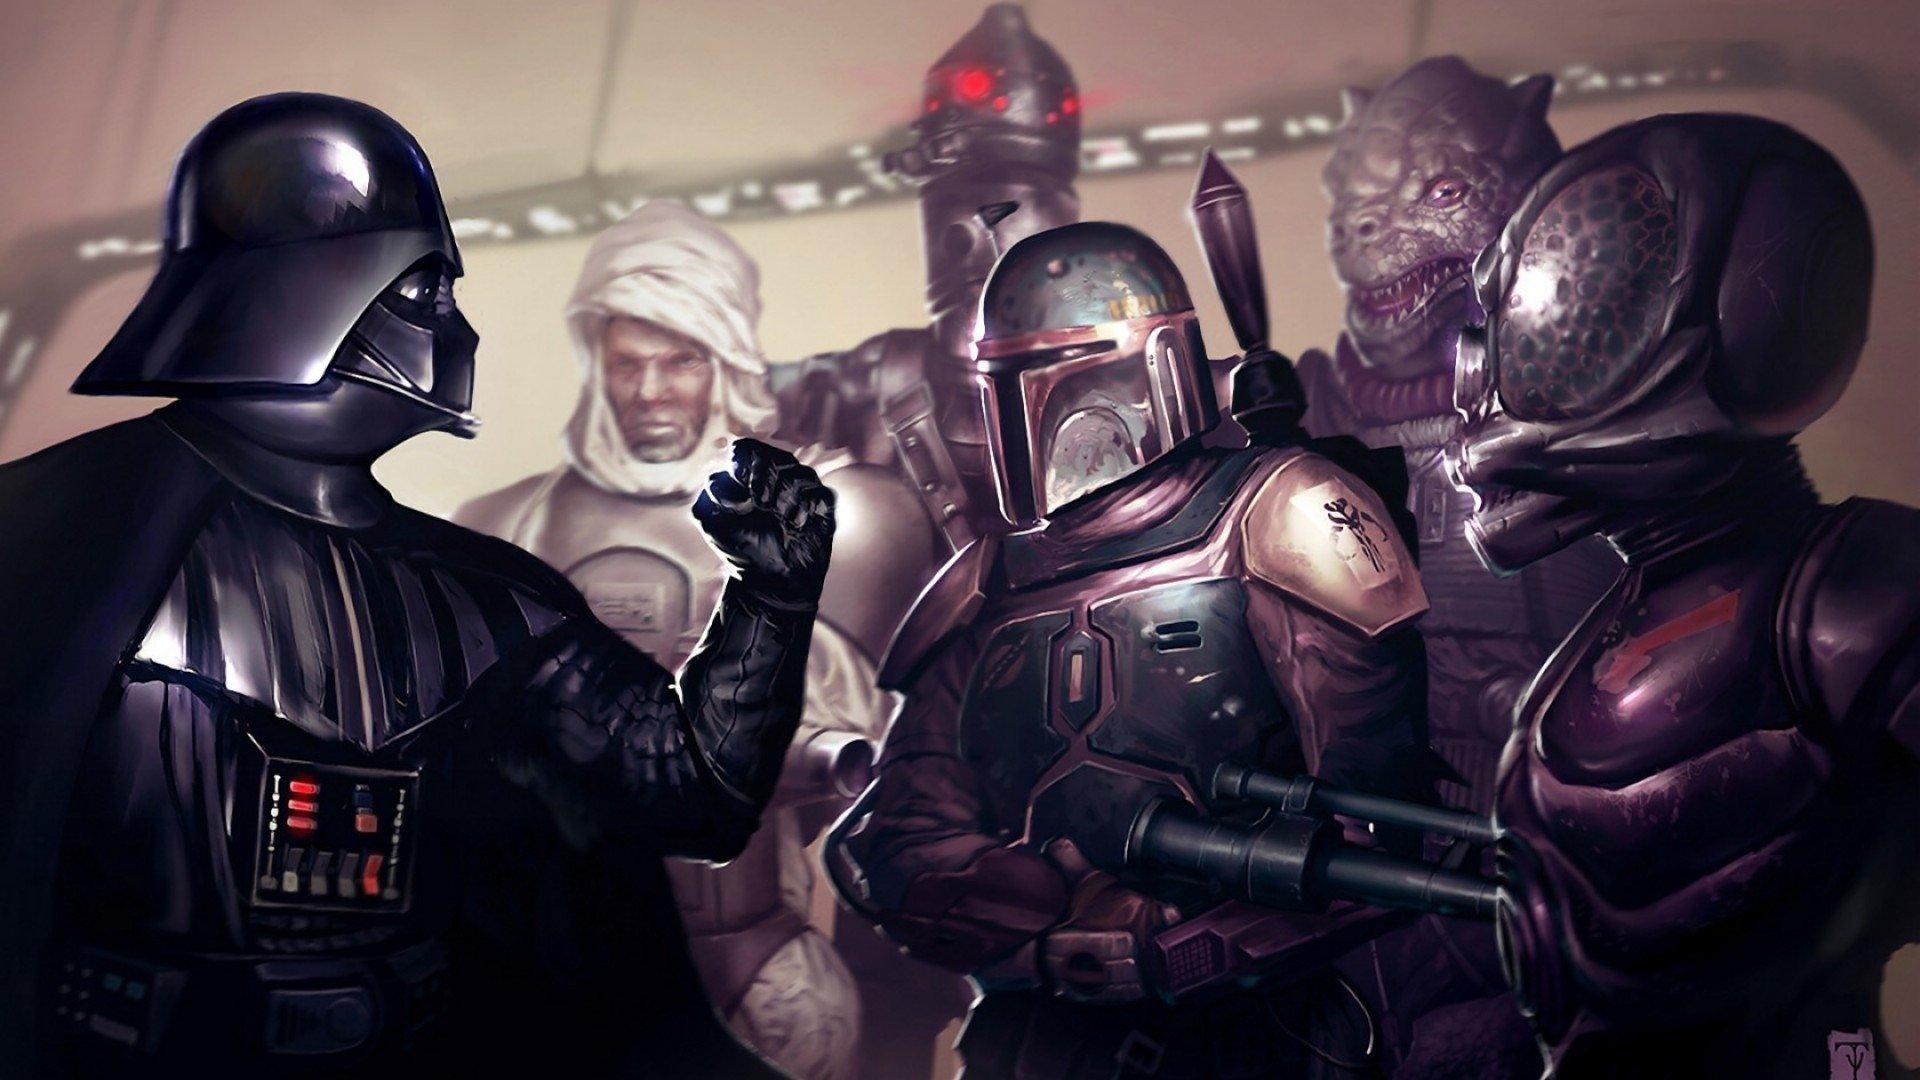 Star Wars Fan Art 9